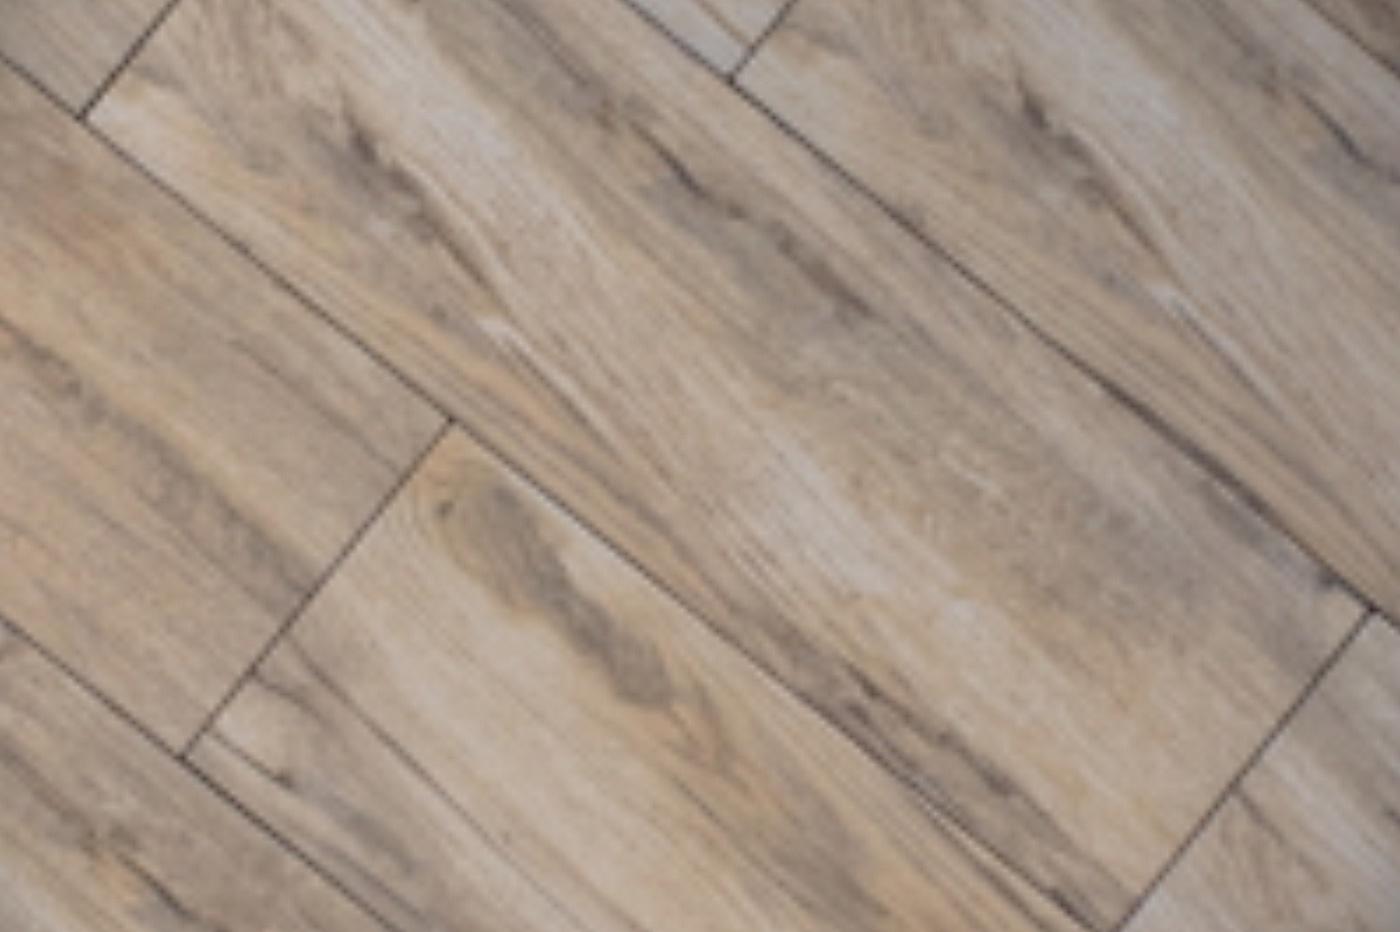 pavimenti in gress legno : Hidrotech srl - Pavimenti effetto legno >> TrovaPavimenti.it